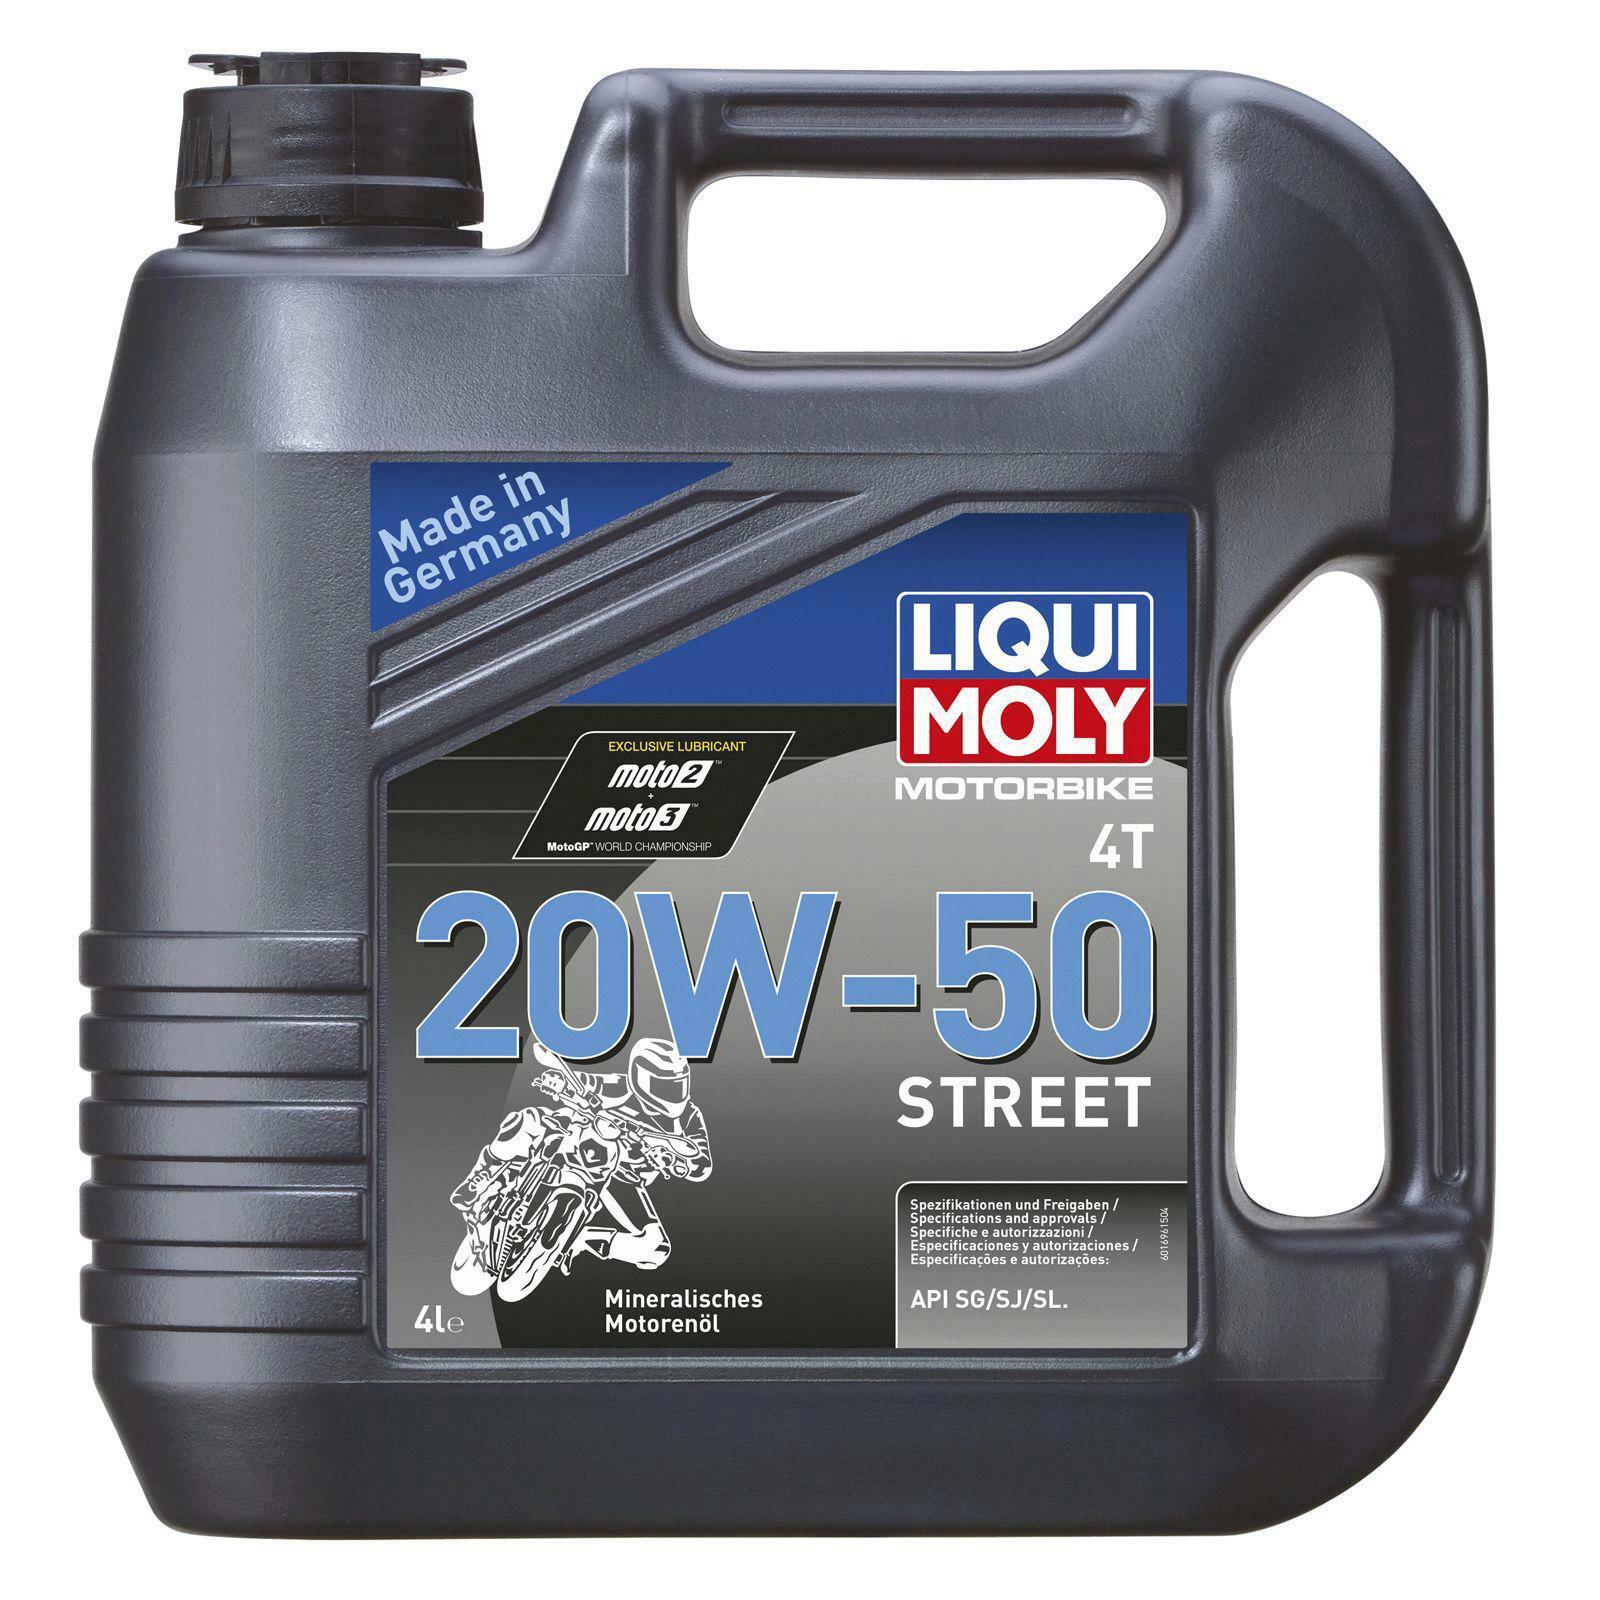 Liqui Moly Motorbike 4T 20W-50 Street 4l